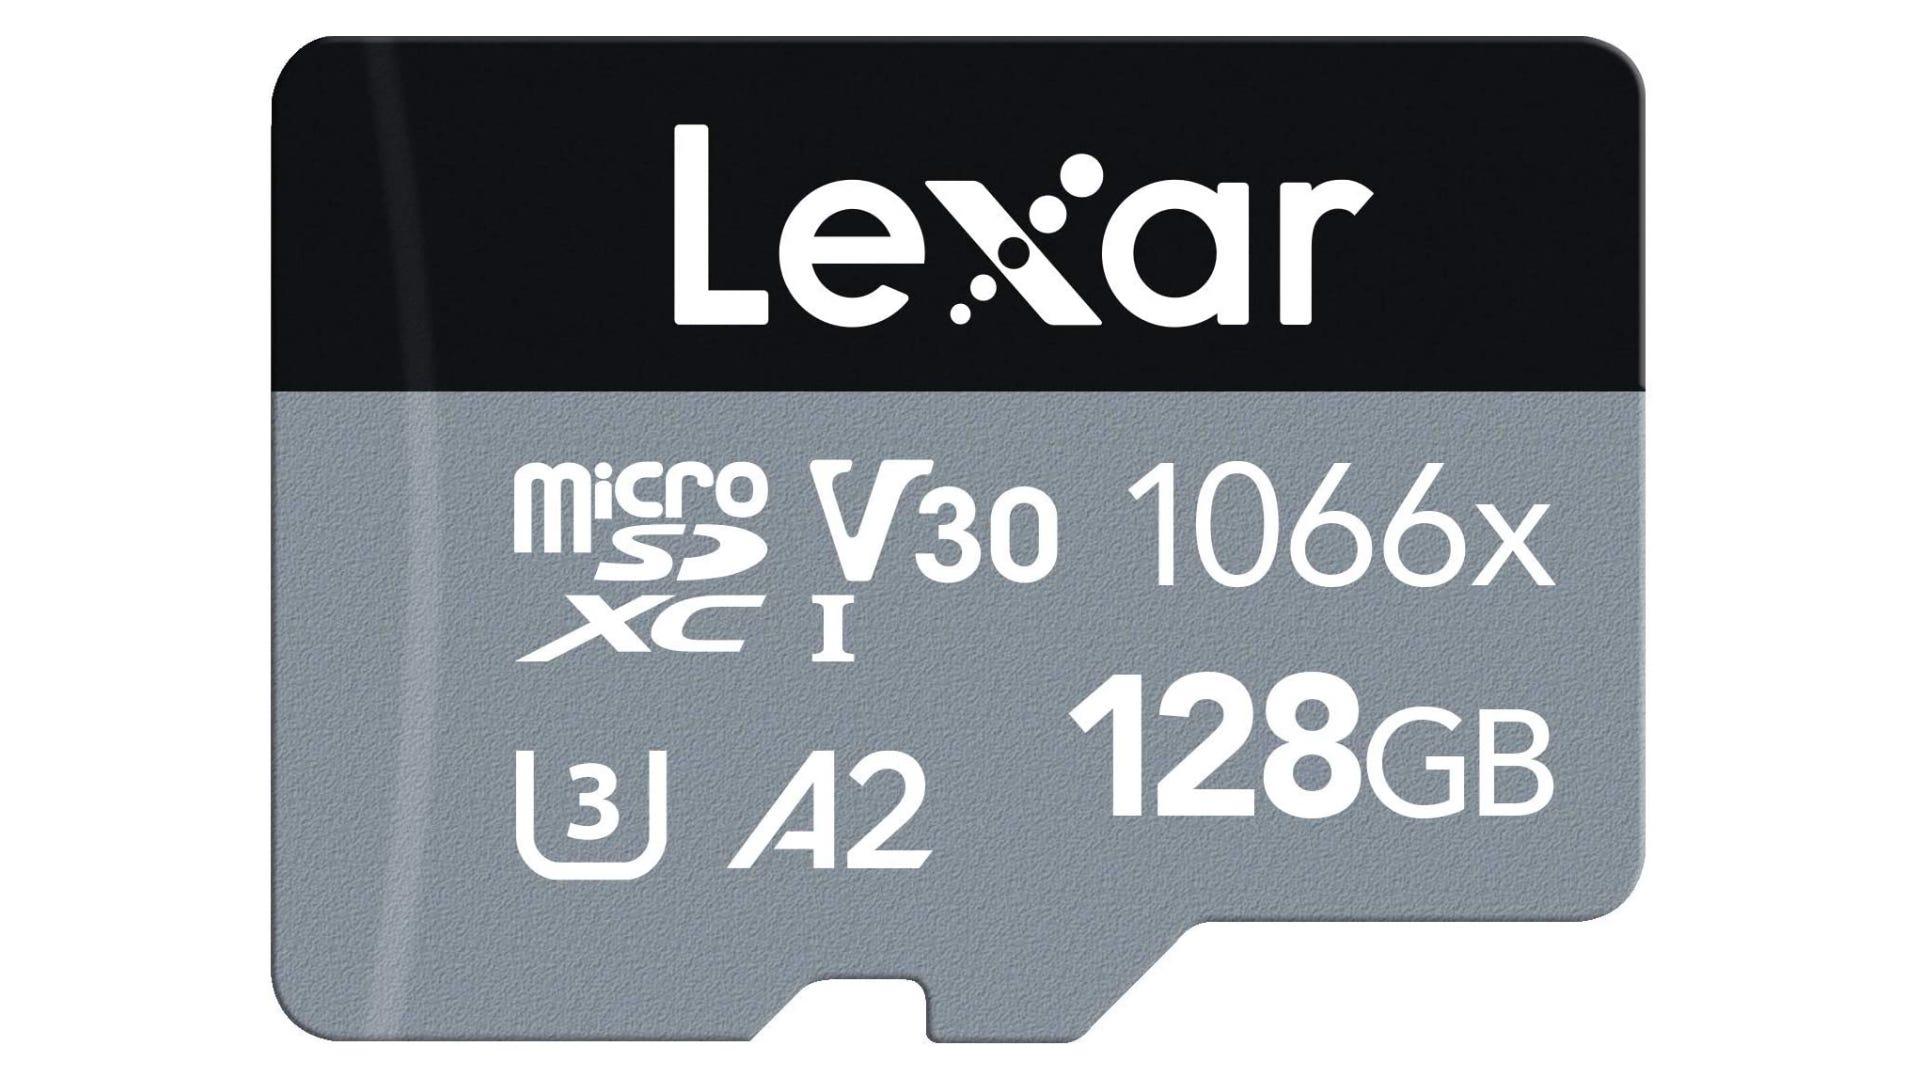 Thẻ SD dòng bạc Lexar